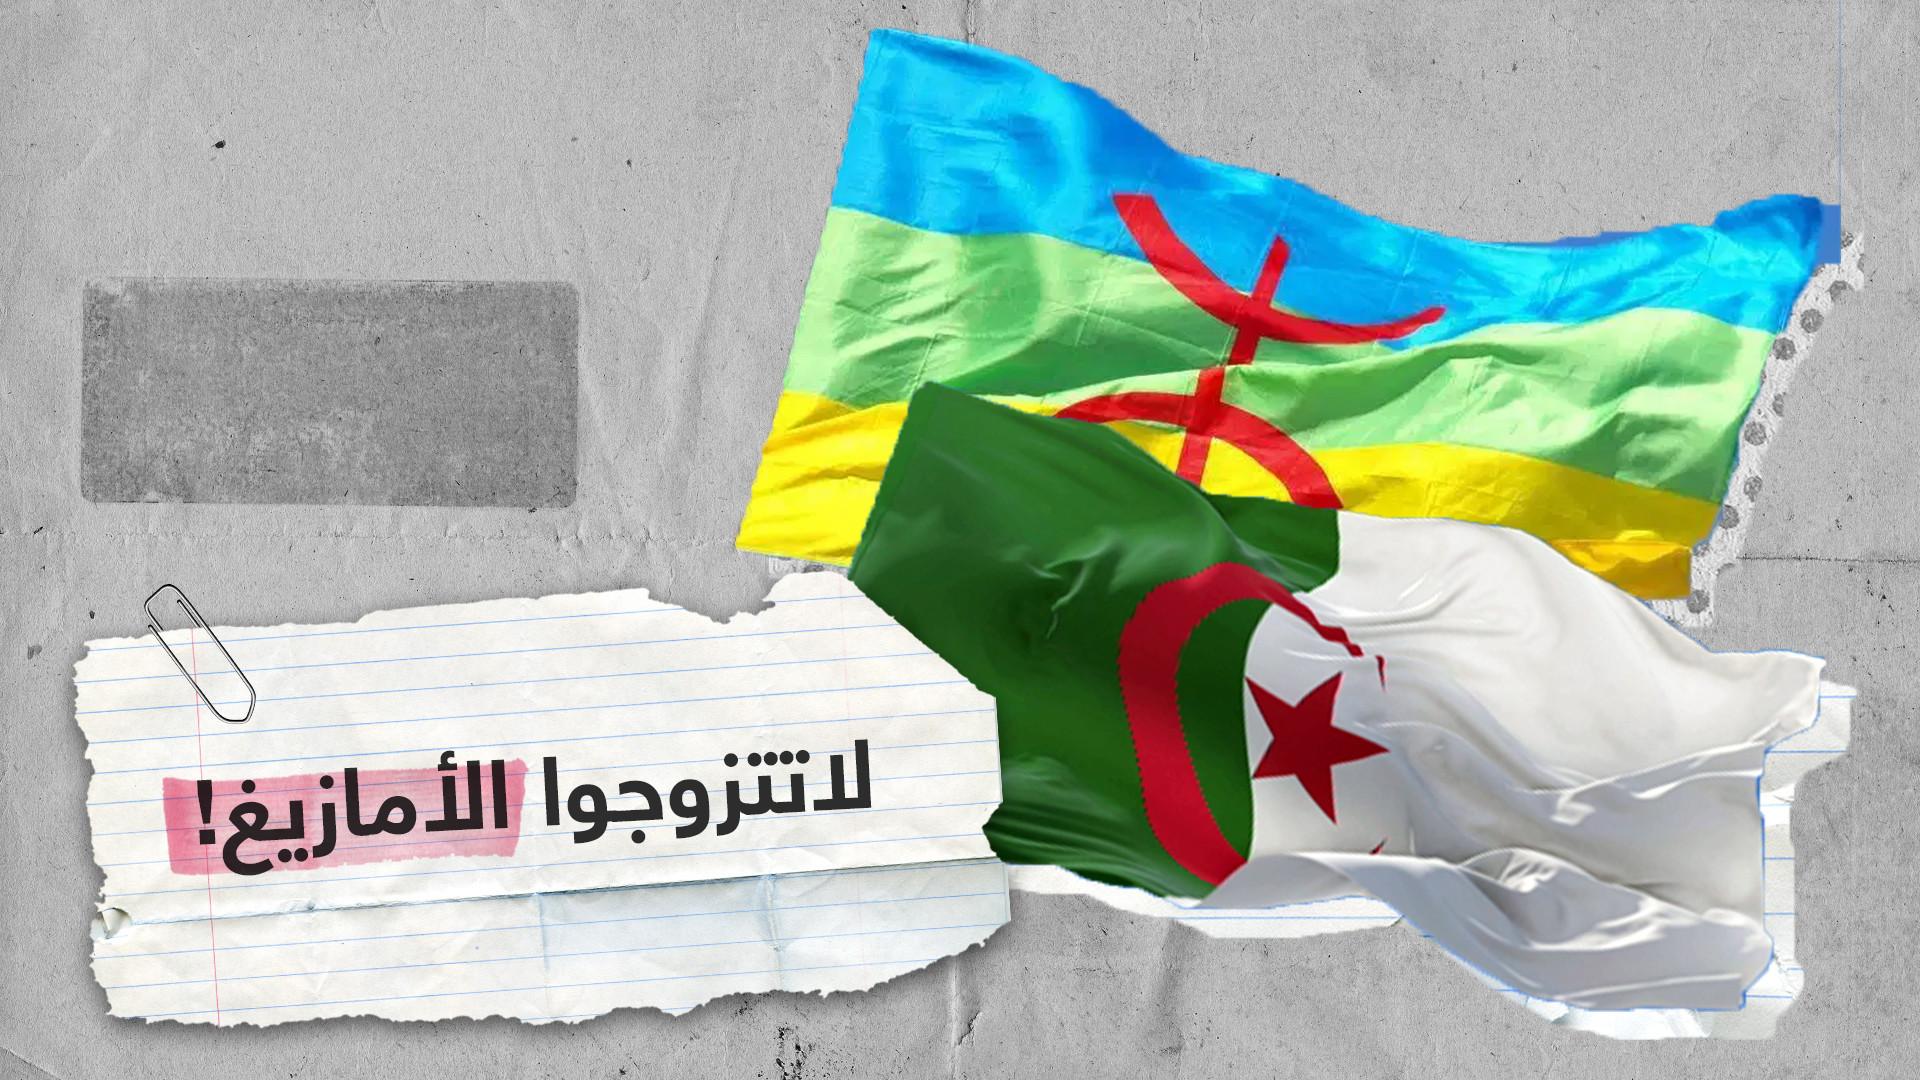 """""""لا تتزوجوا منهم"""".. برلمانية جزائرية تدعو لمقاطعة الأمازيغ"""